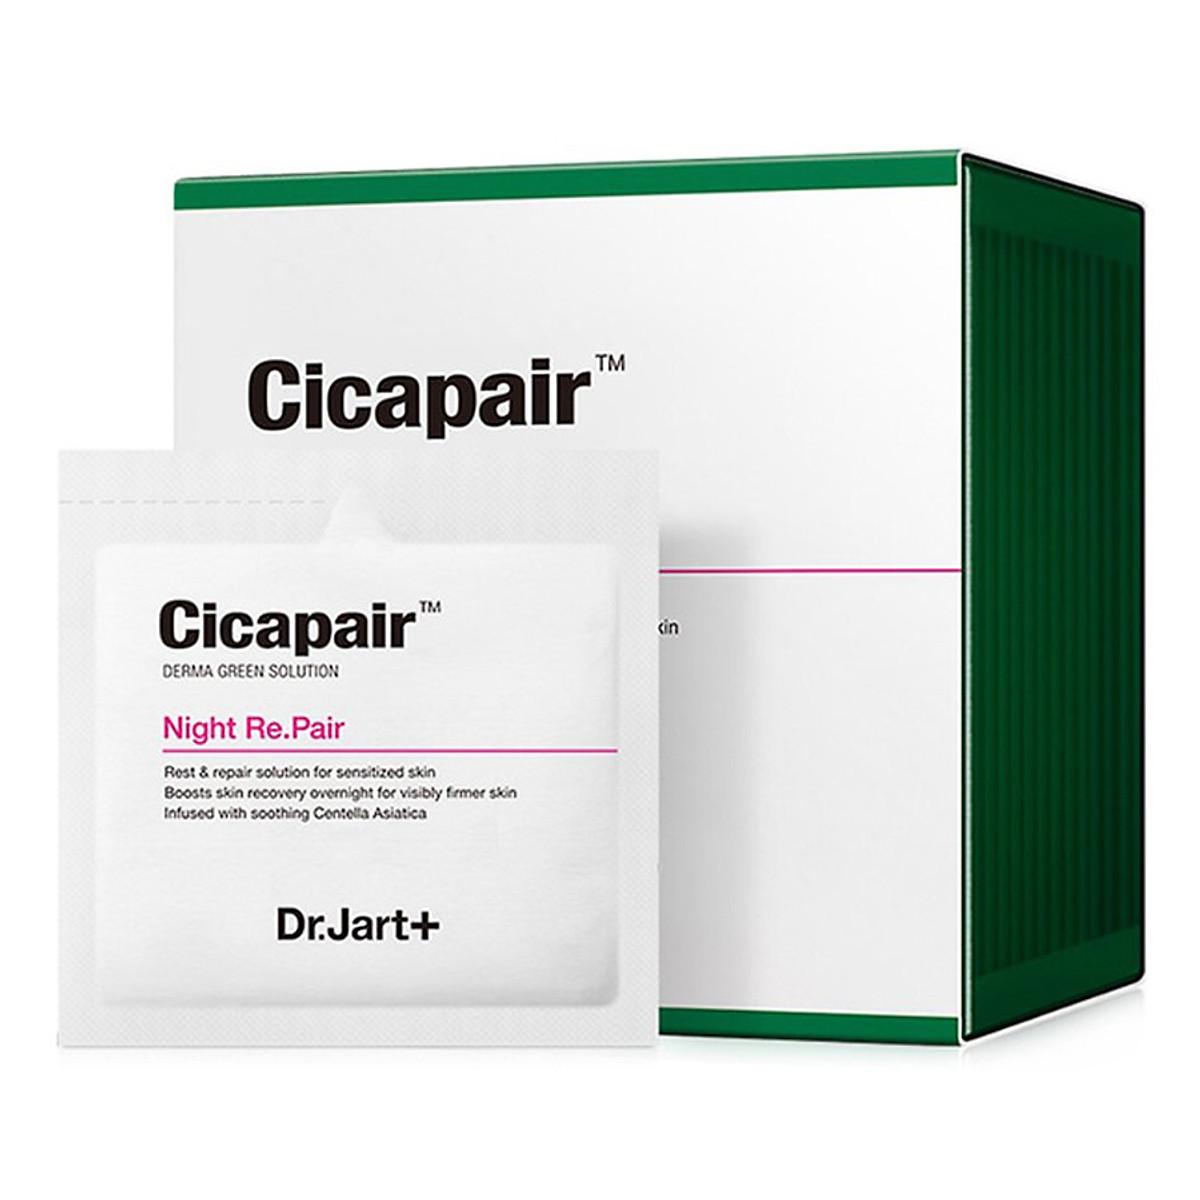 Mặt Nạ Ngủ Dr.Jart+ Cicapair Night Repair - 1